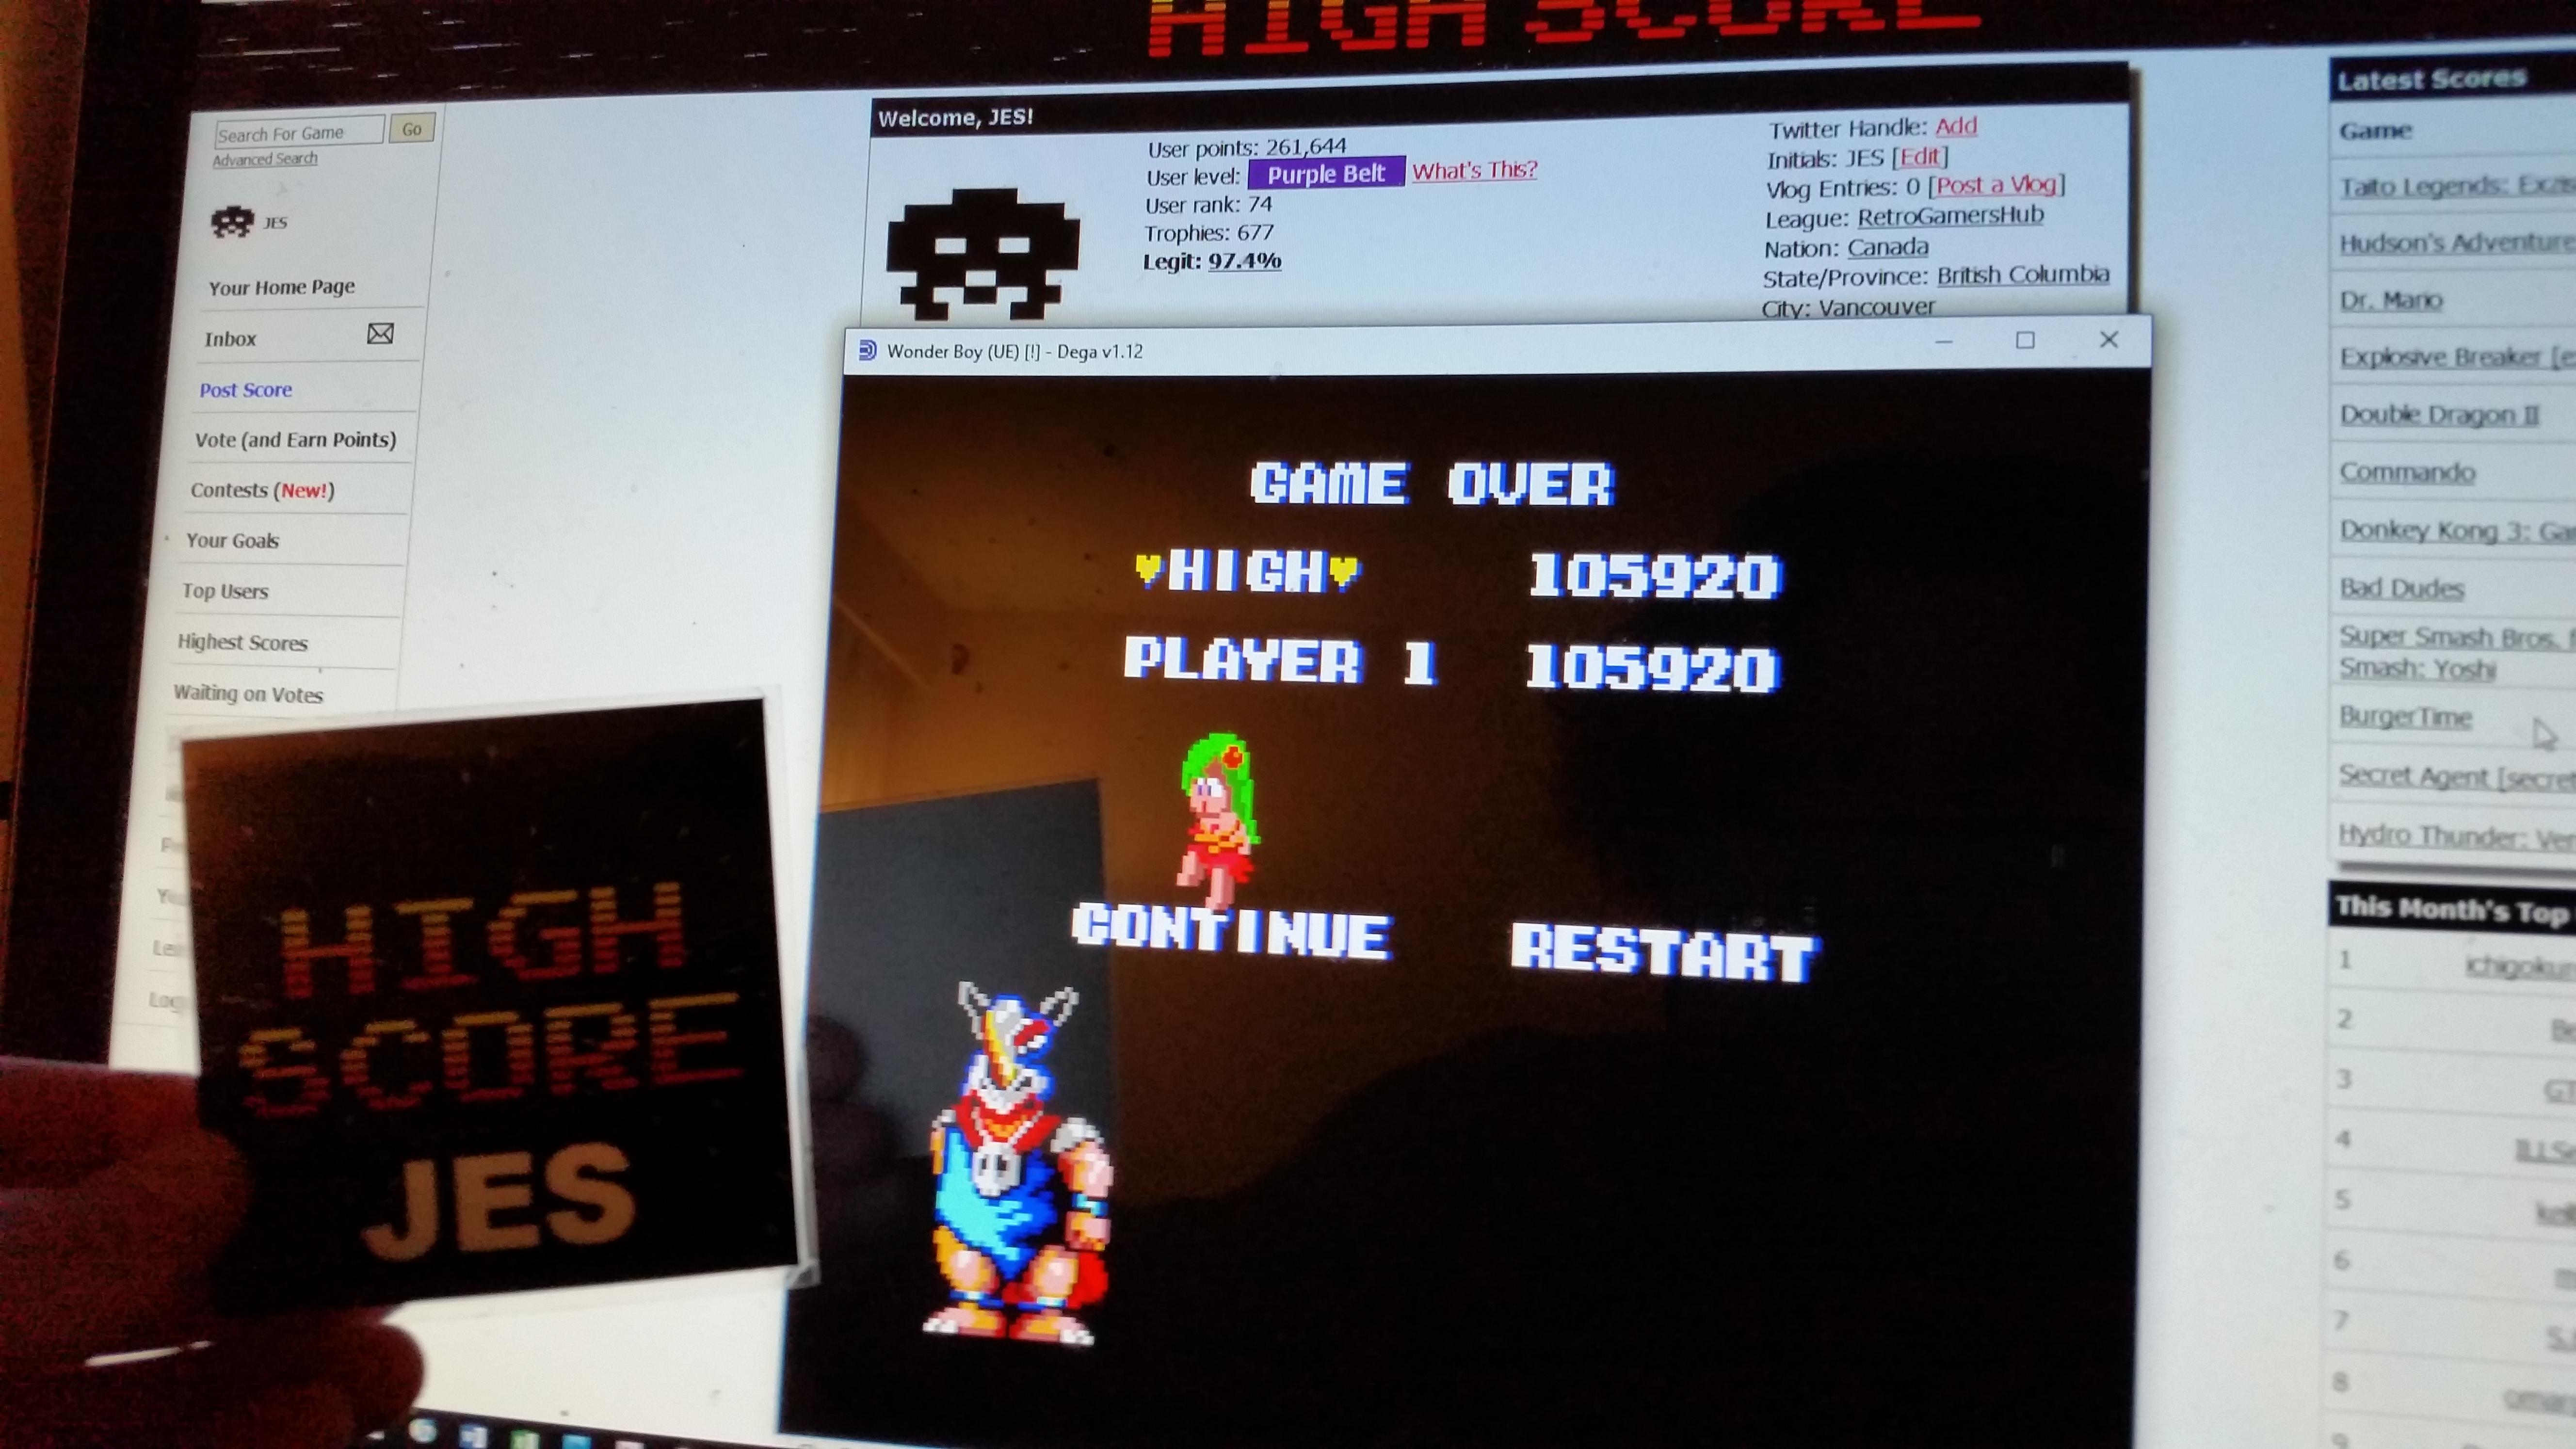 Wonder Boy 105,920 points